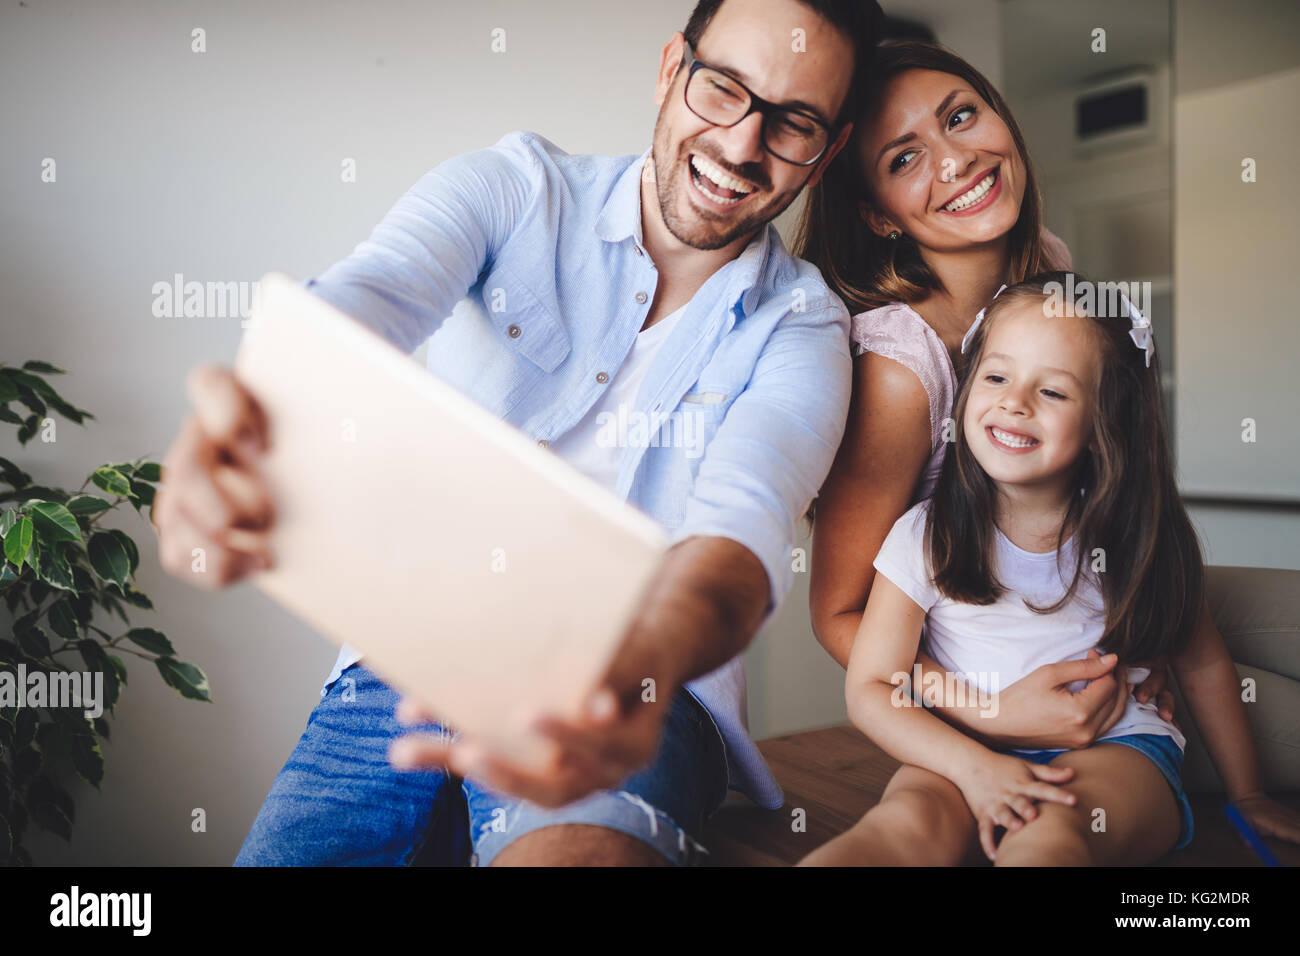 Famille heureuse de prendre dans leur maison selfies Photo Stock